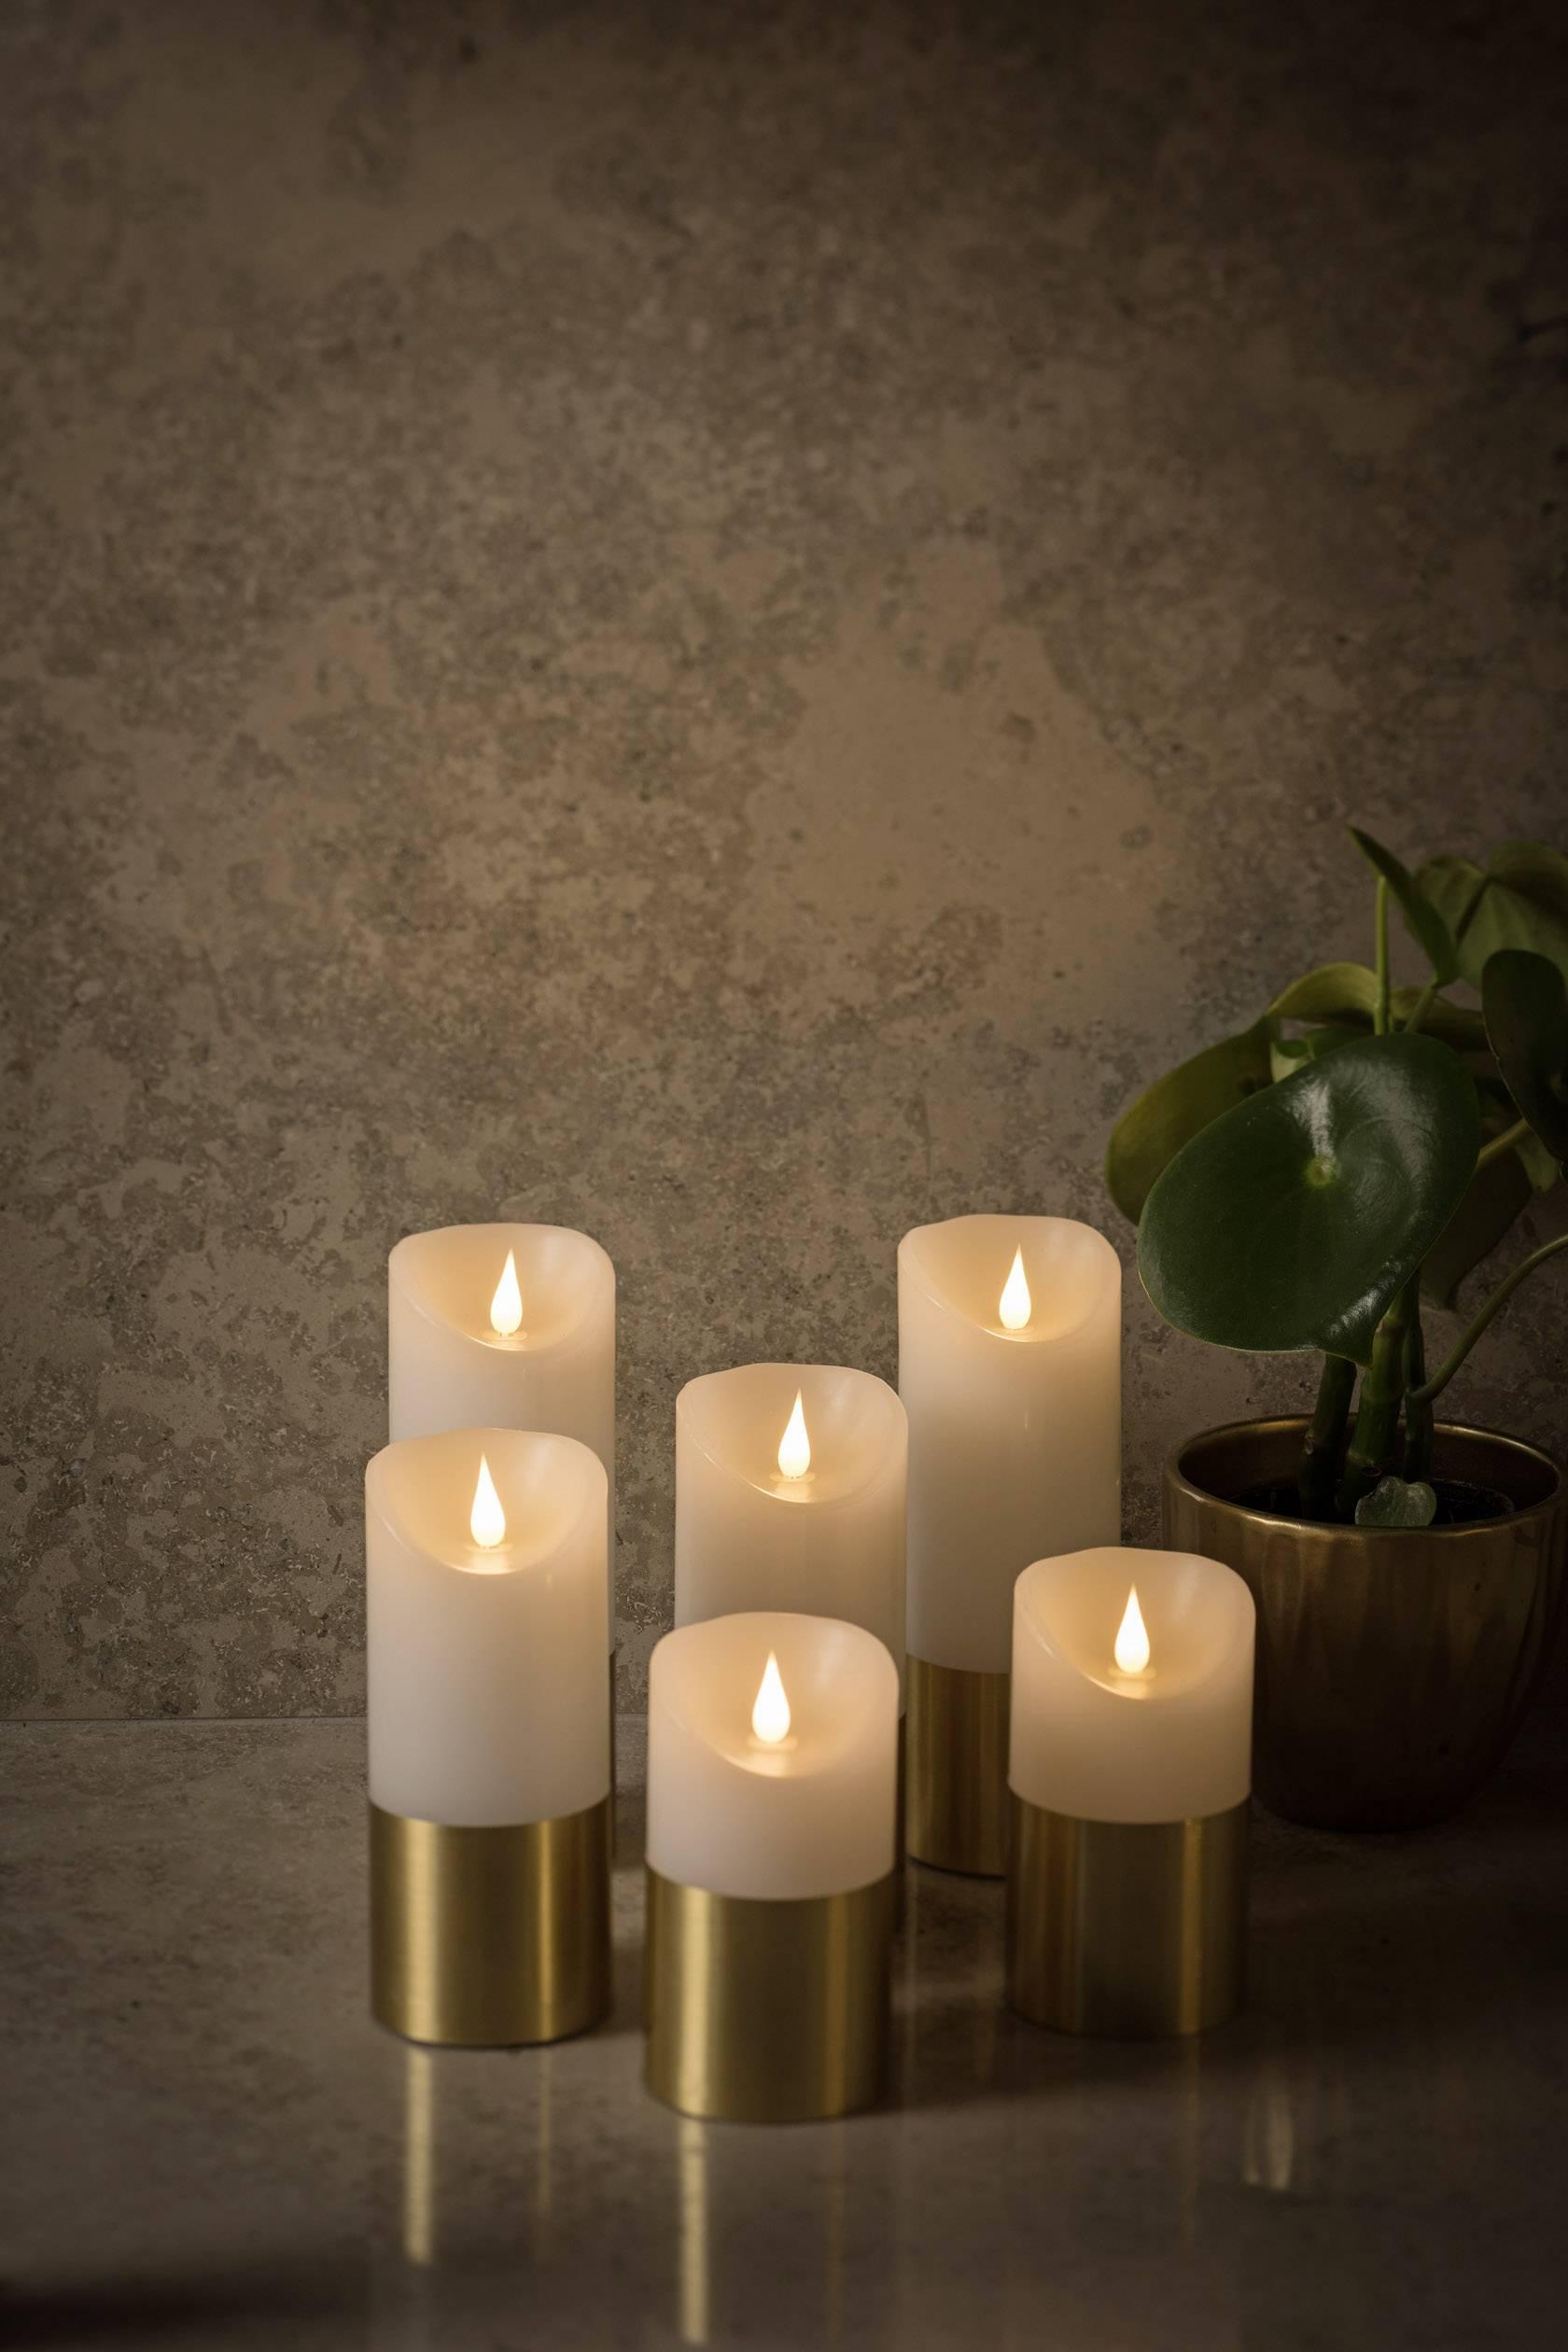 LED vosková svíčka bílá Konstsmide 1820-600 teplá bílá